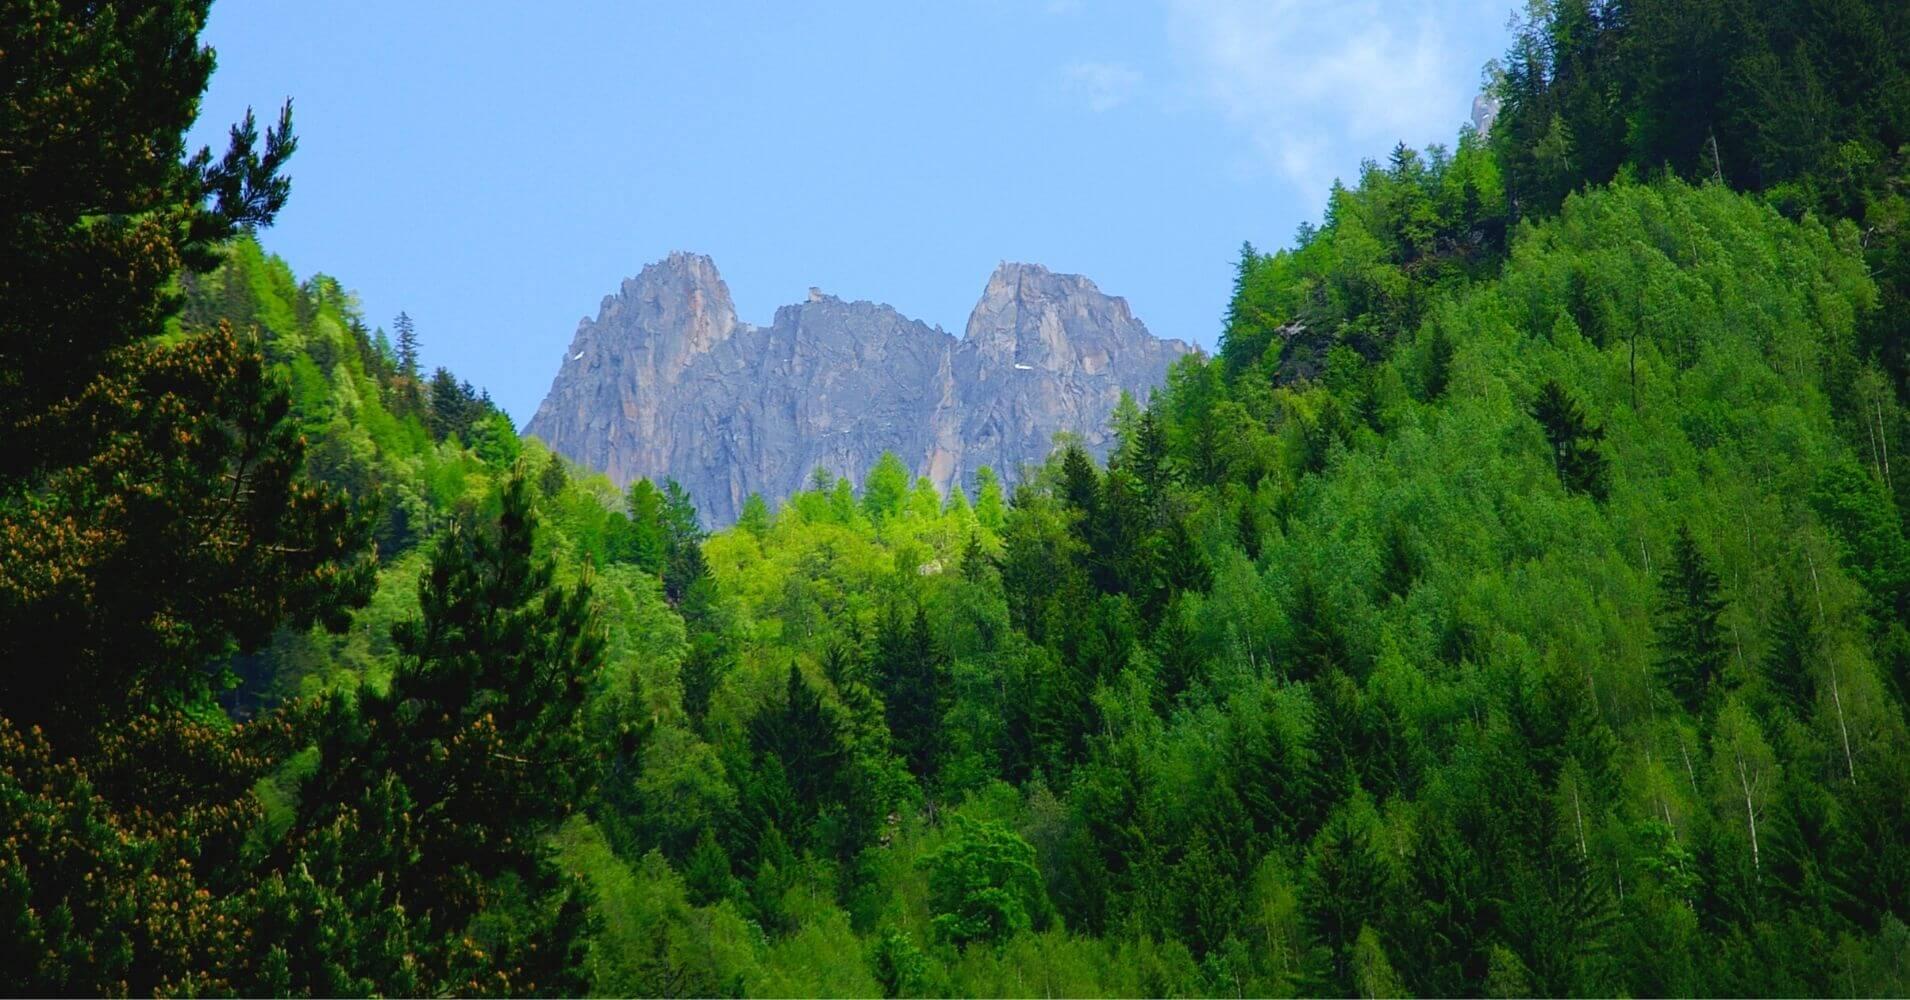 Bosques y Altas Montañas. Francia, Suiza, Italia. Cordillera de los Alpes.